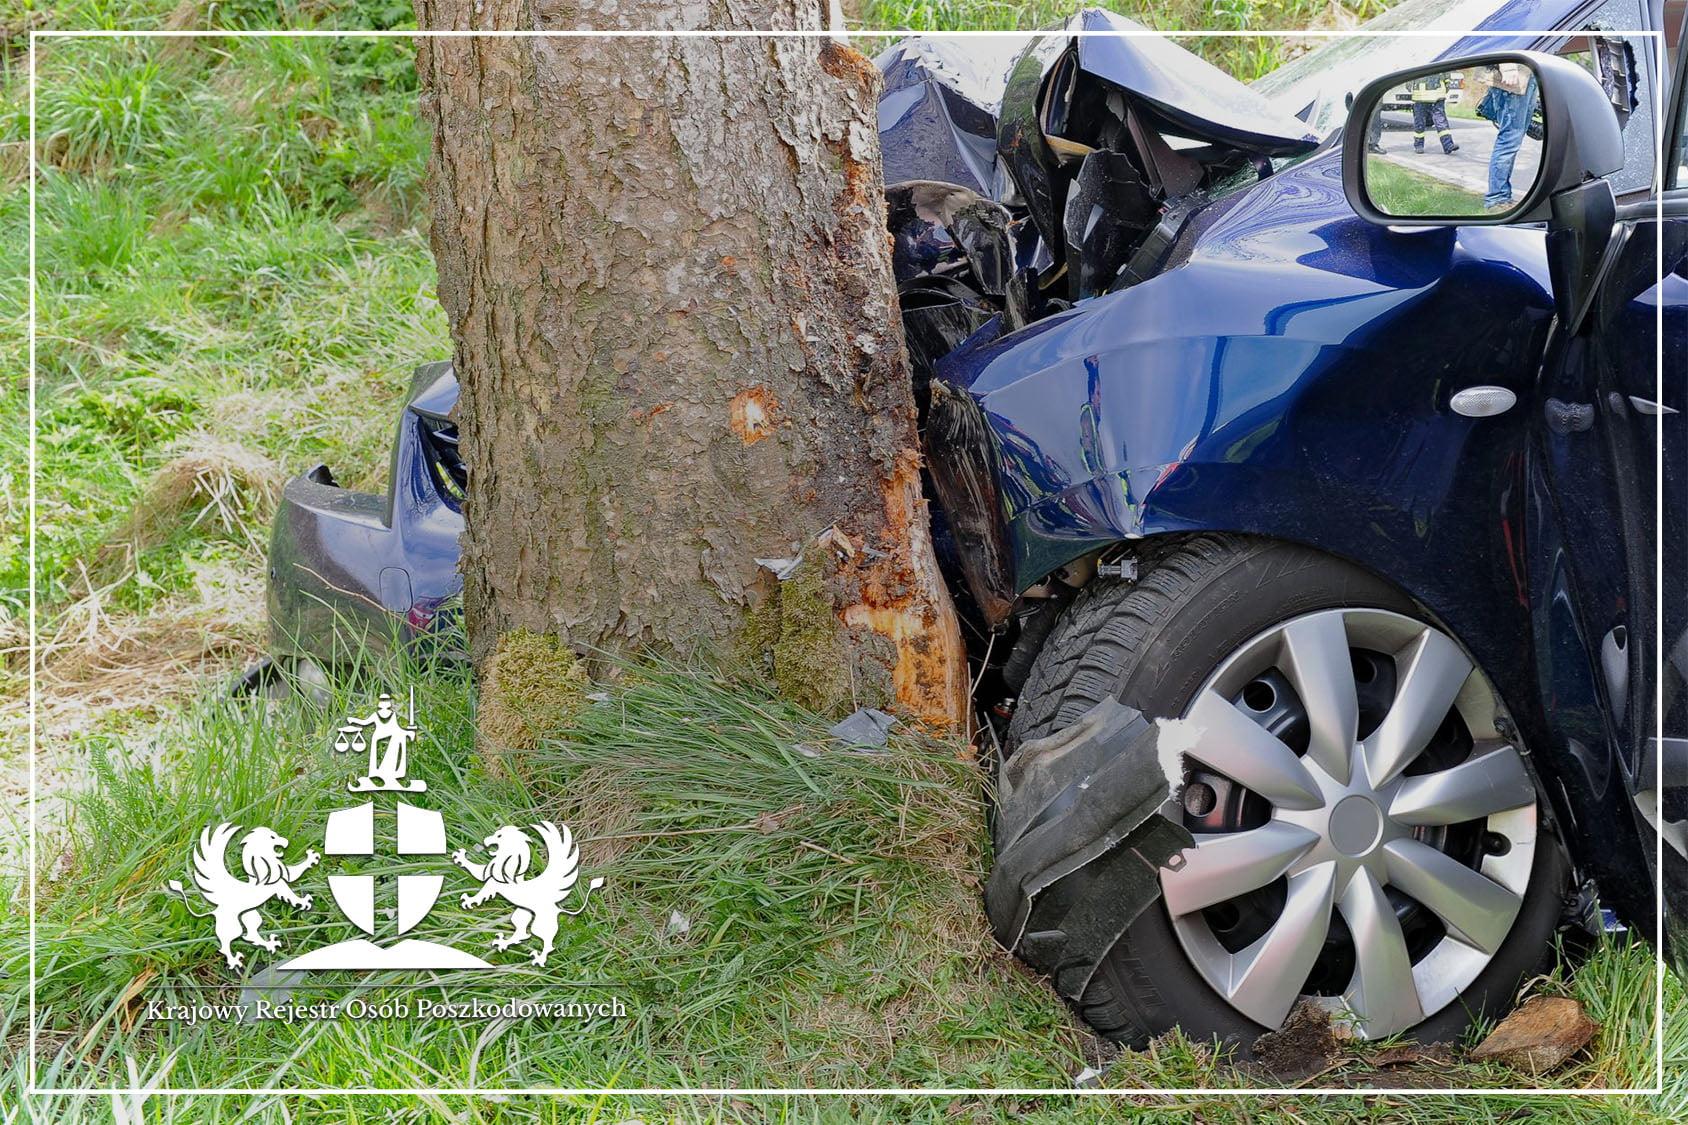 Śmierć w wypadku samochodowym odszkodowanie